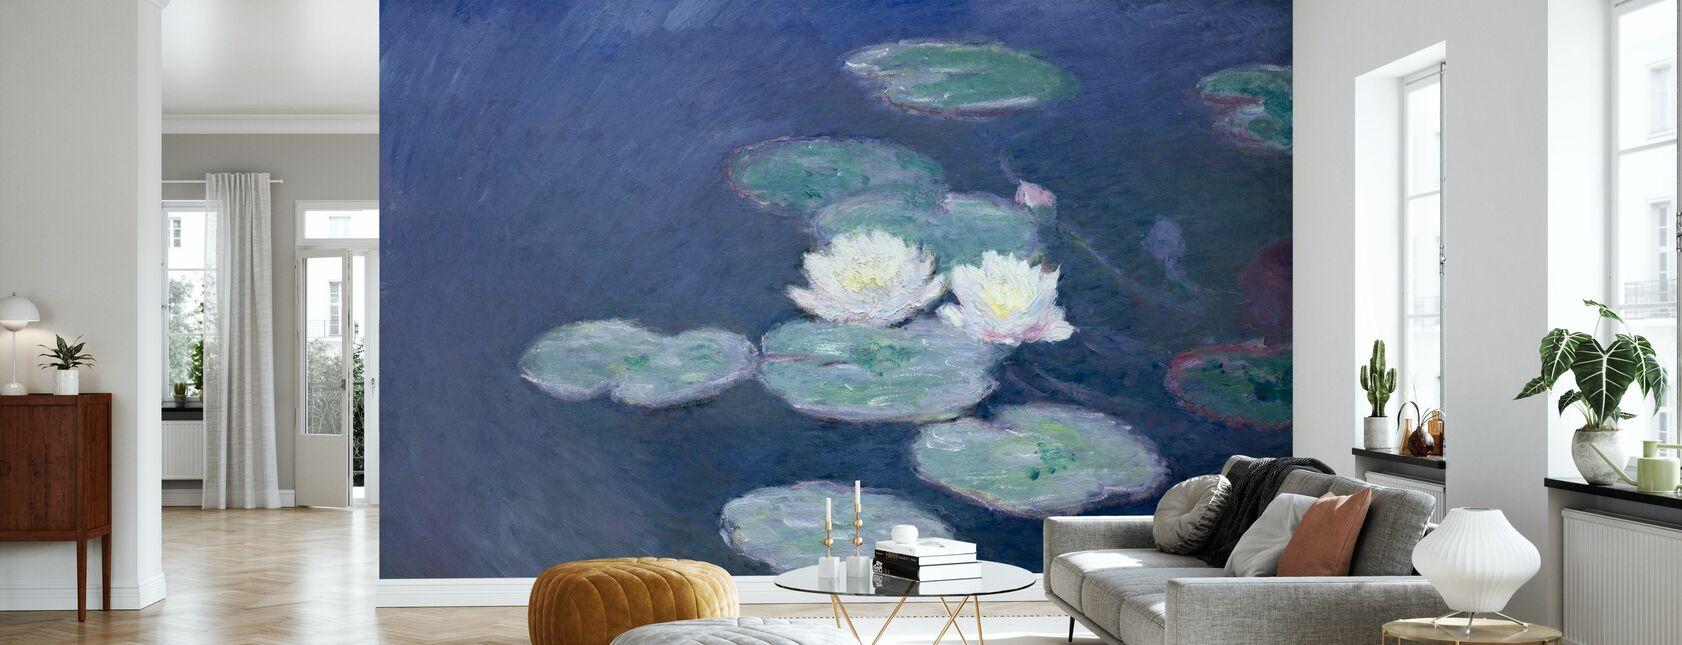 Waterlilies - Claude Monet - Wallpaper - Living Room